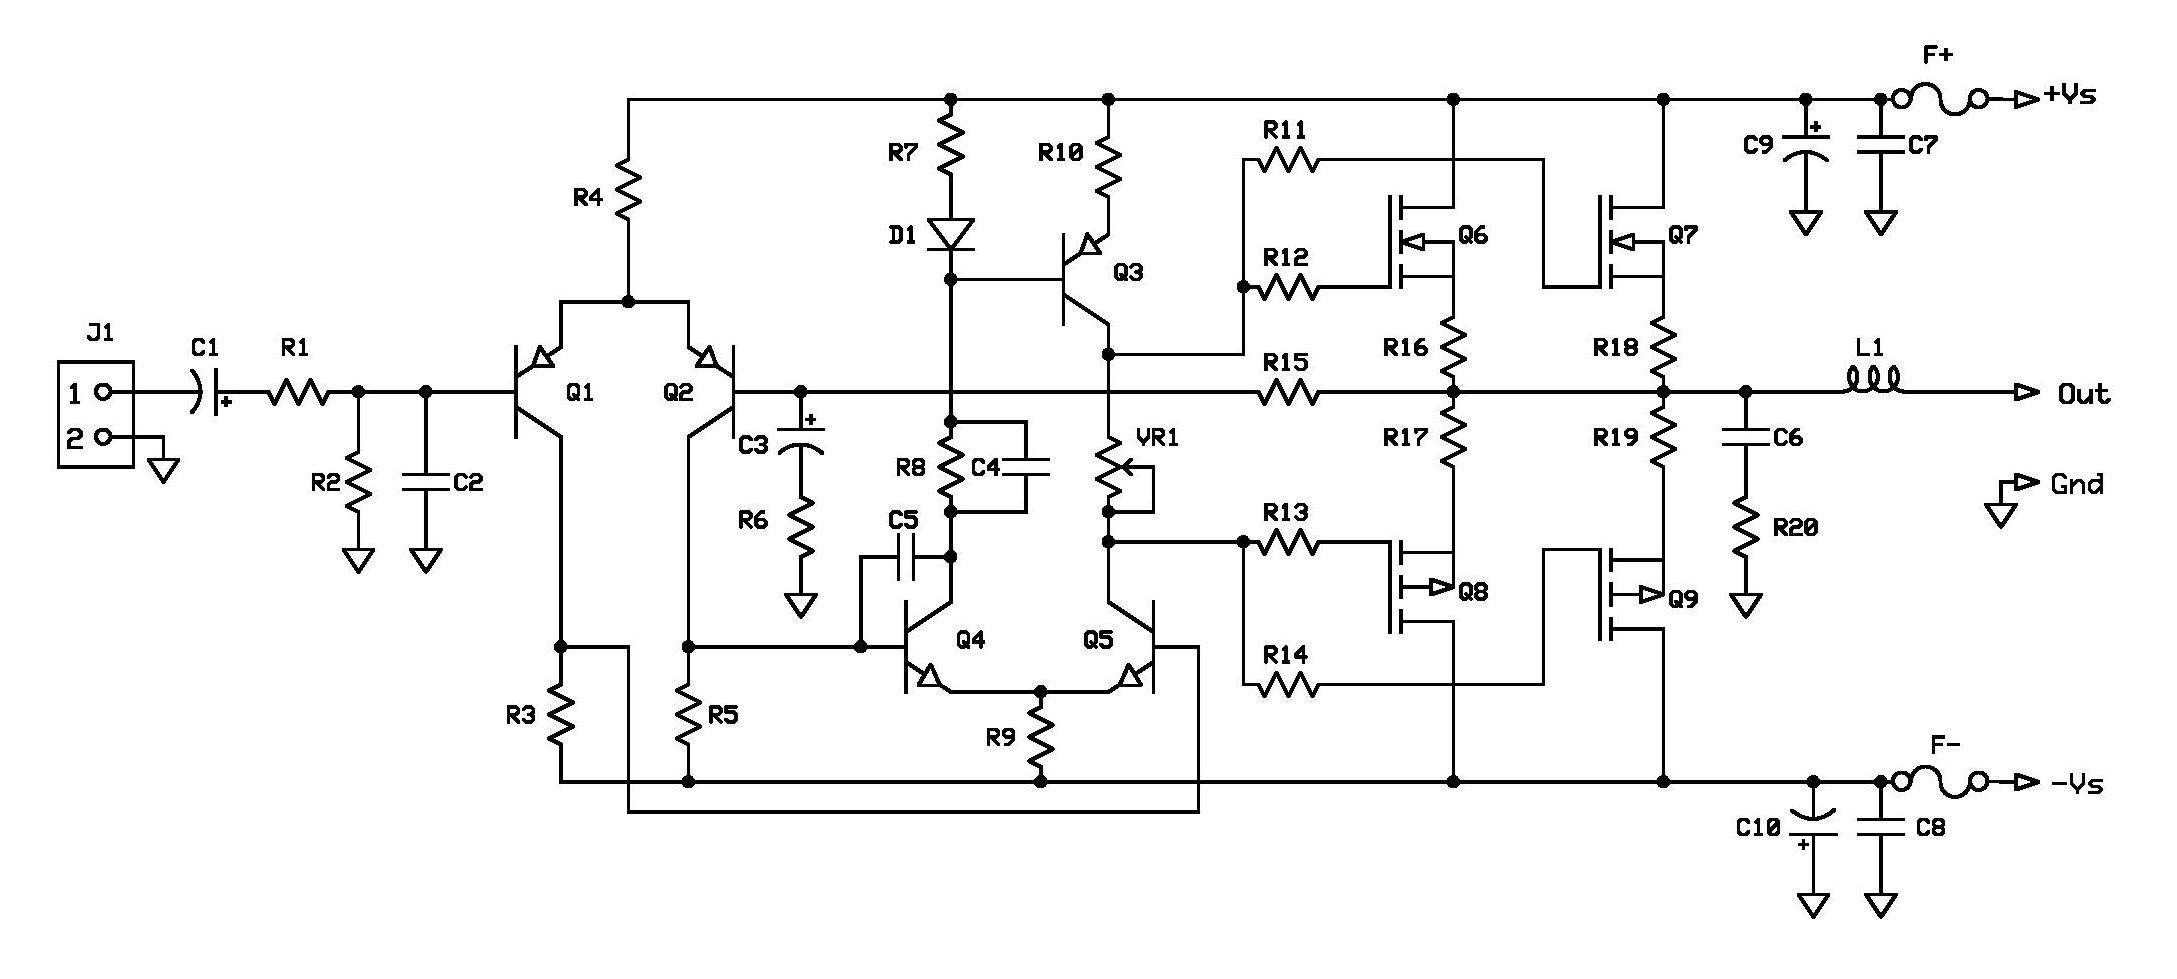 Irfp250 Mosfet Amplifier | Wiring Schematic Diagram - 5 ... on